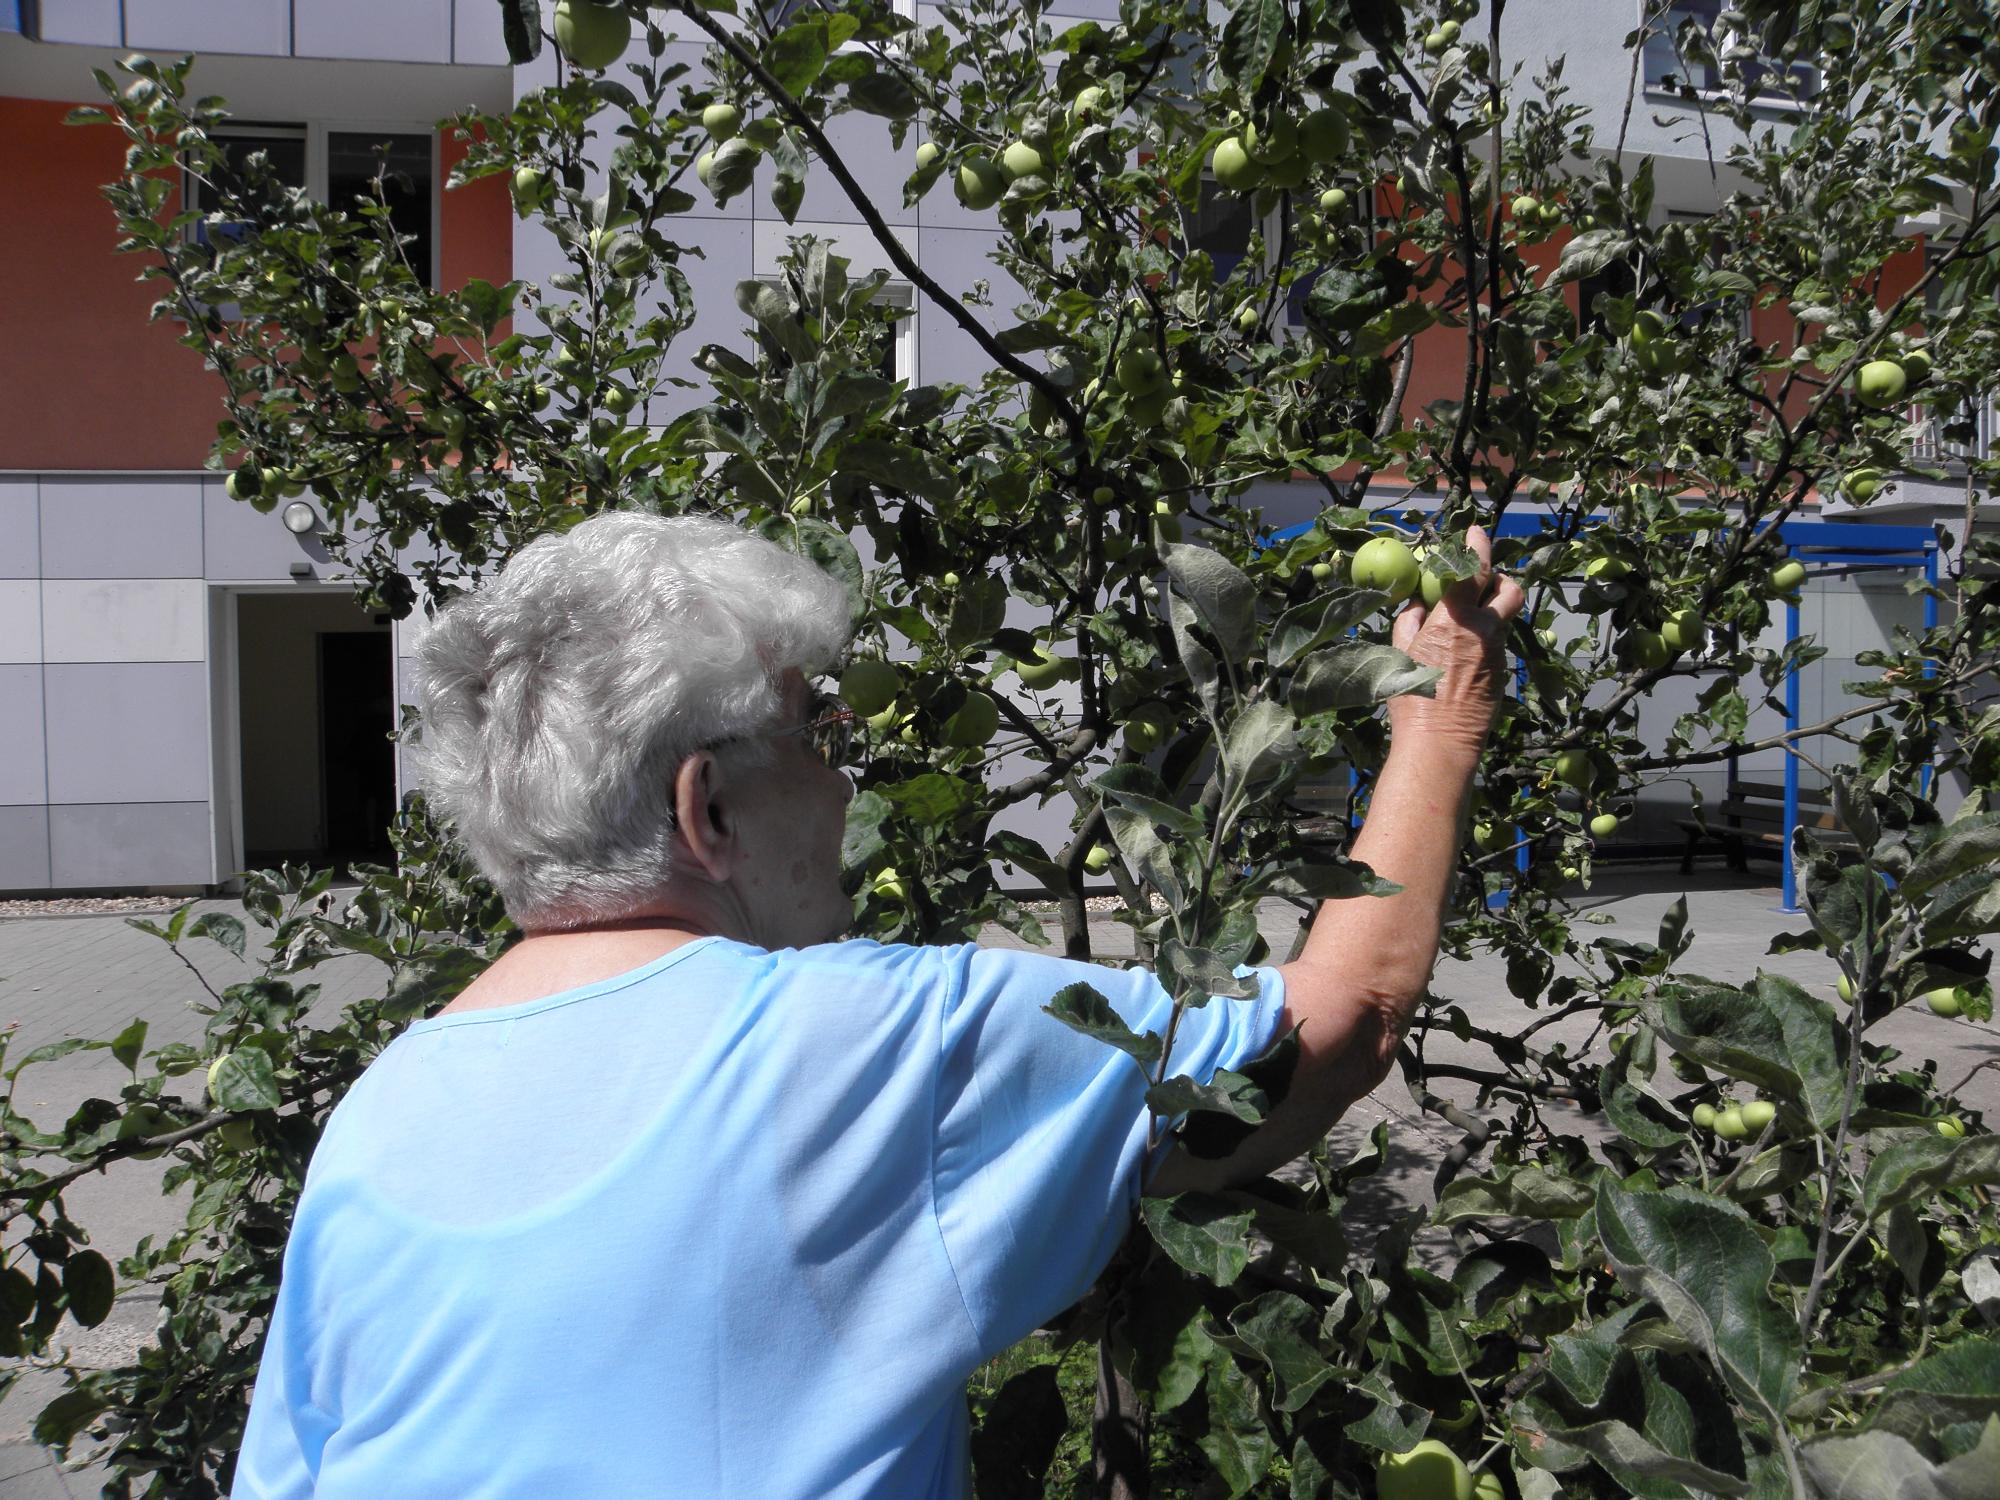 äpfel Pflücken Berlin : tagespflege evergreen in berlin kaulsdorf auf wohnen im ~ Lizthompson.info Haus und Dekorationen